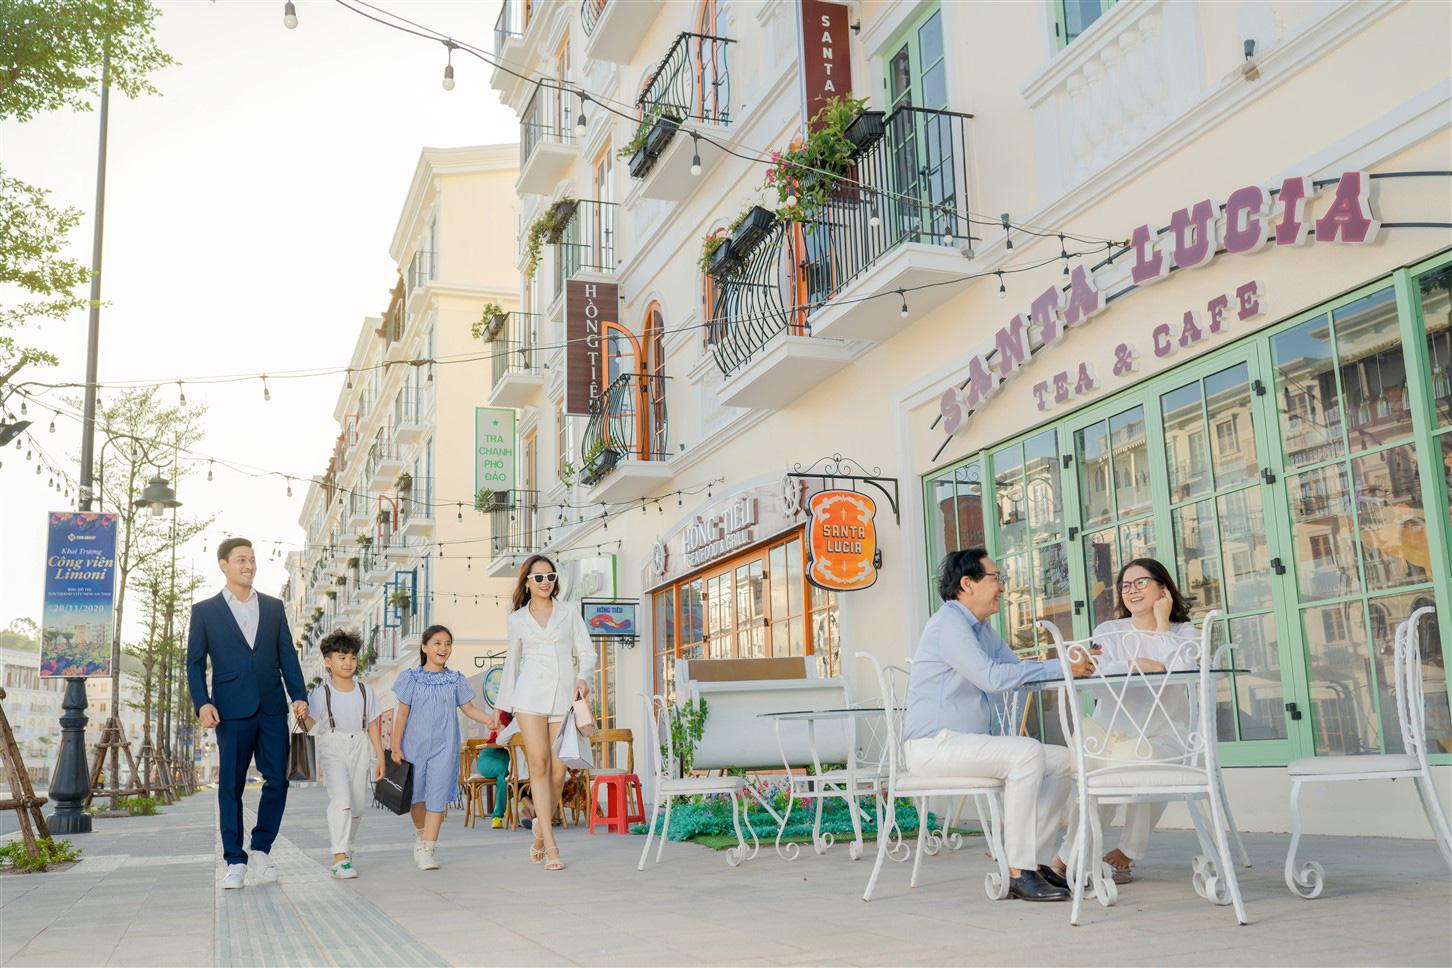 Đâu là lời giải cho bài toán an cư - kinh doanh của người dân thành phố Phú Quốc? - Ảnh 3.